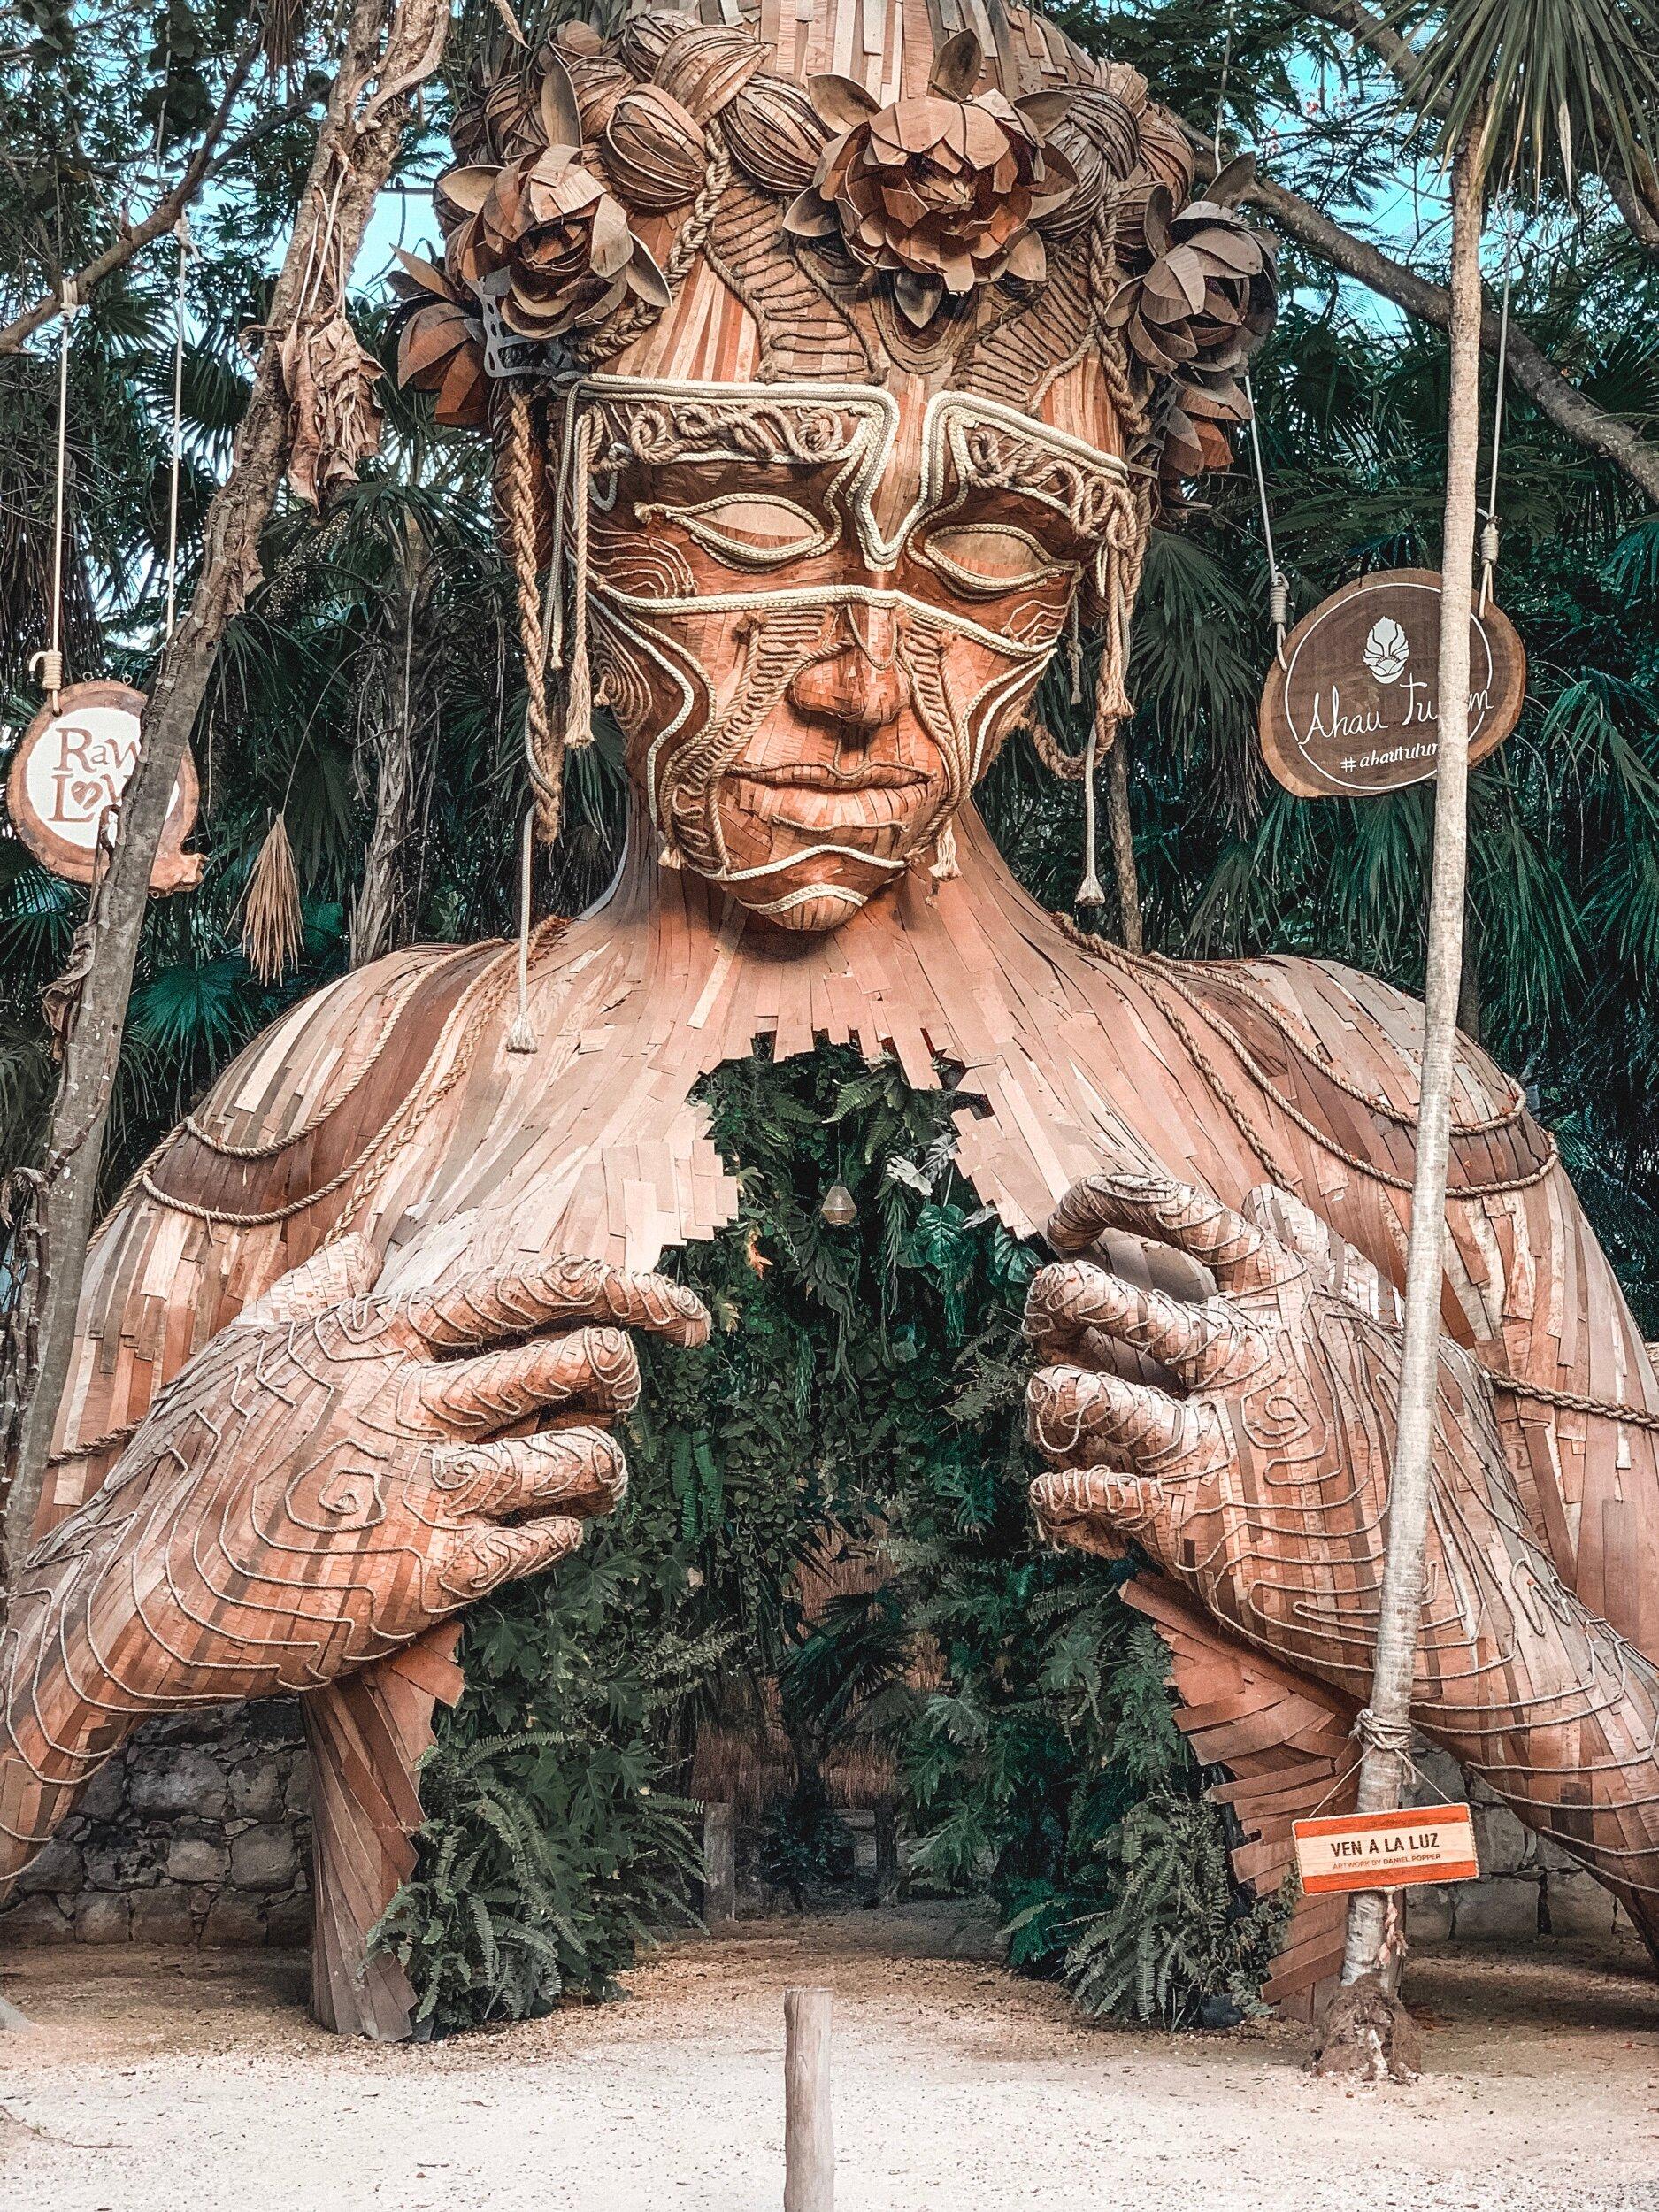 Ven a la Luz (come into the light), at entrance of Ahau Tulum